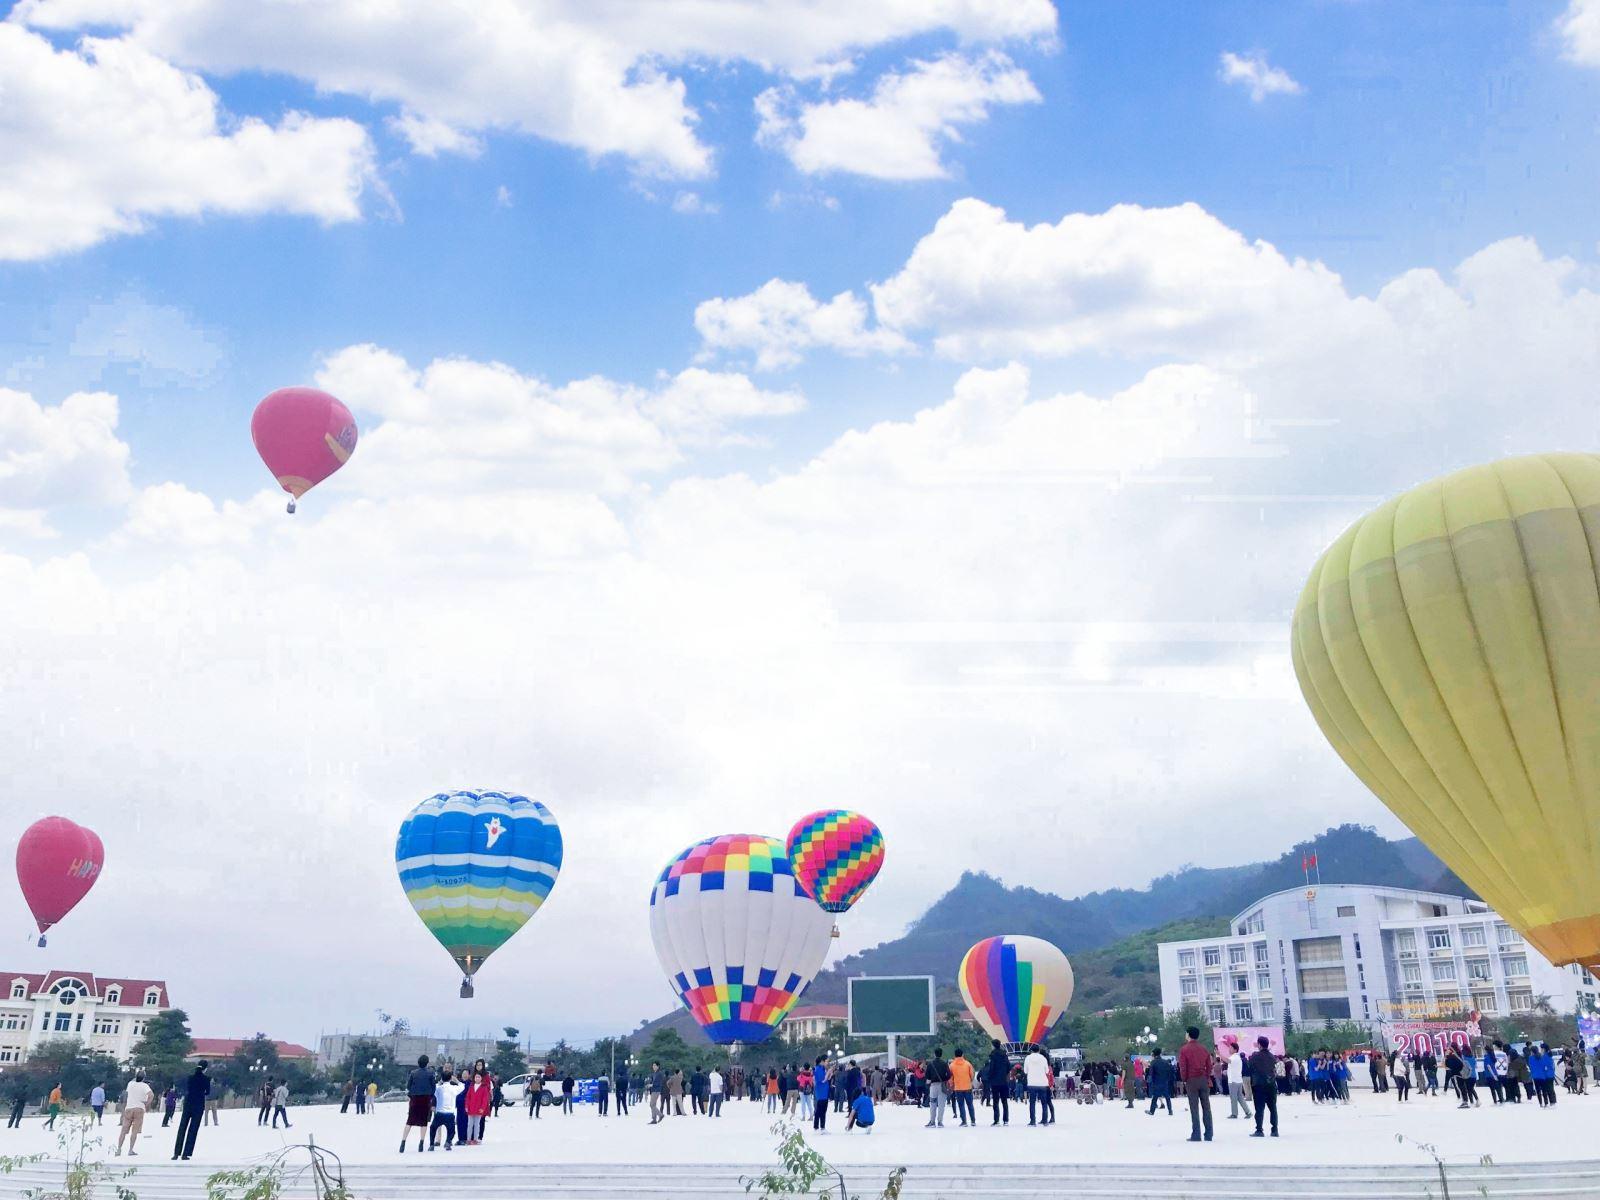 Lên Cao nguyên Mộc Châu dự Lễ hội bay khinh khí cầu Quốc tế lần thứ 2